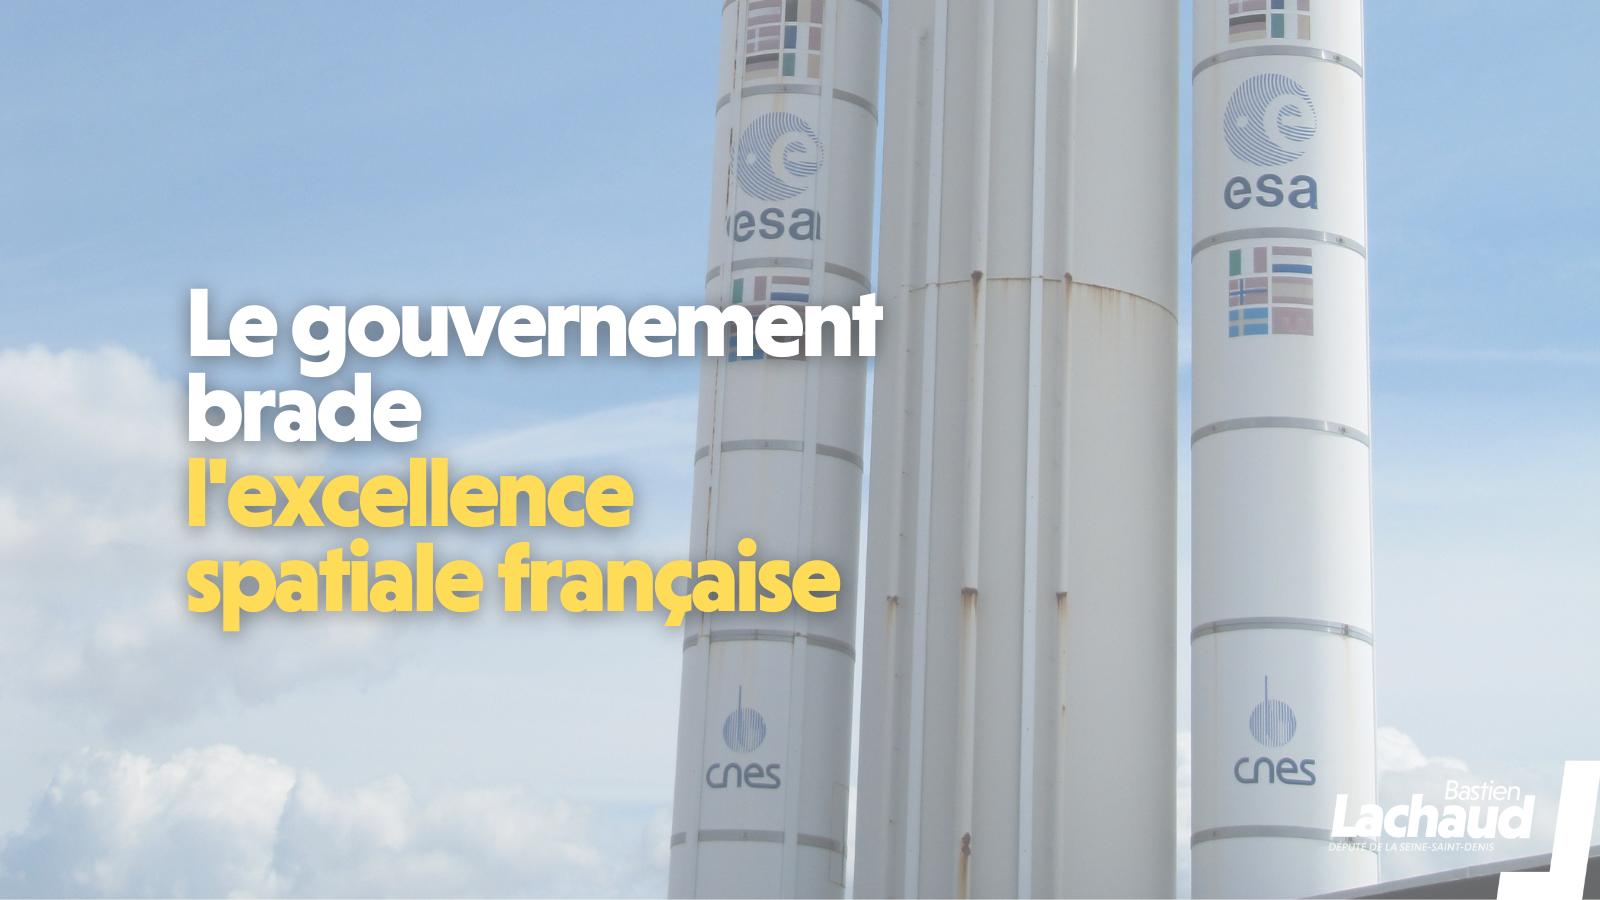 excellence spatiale française